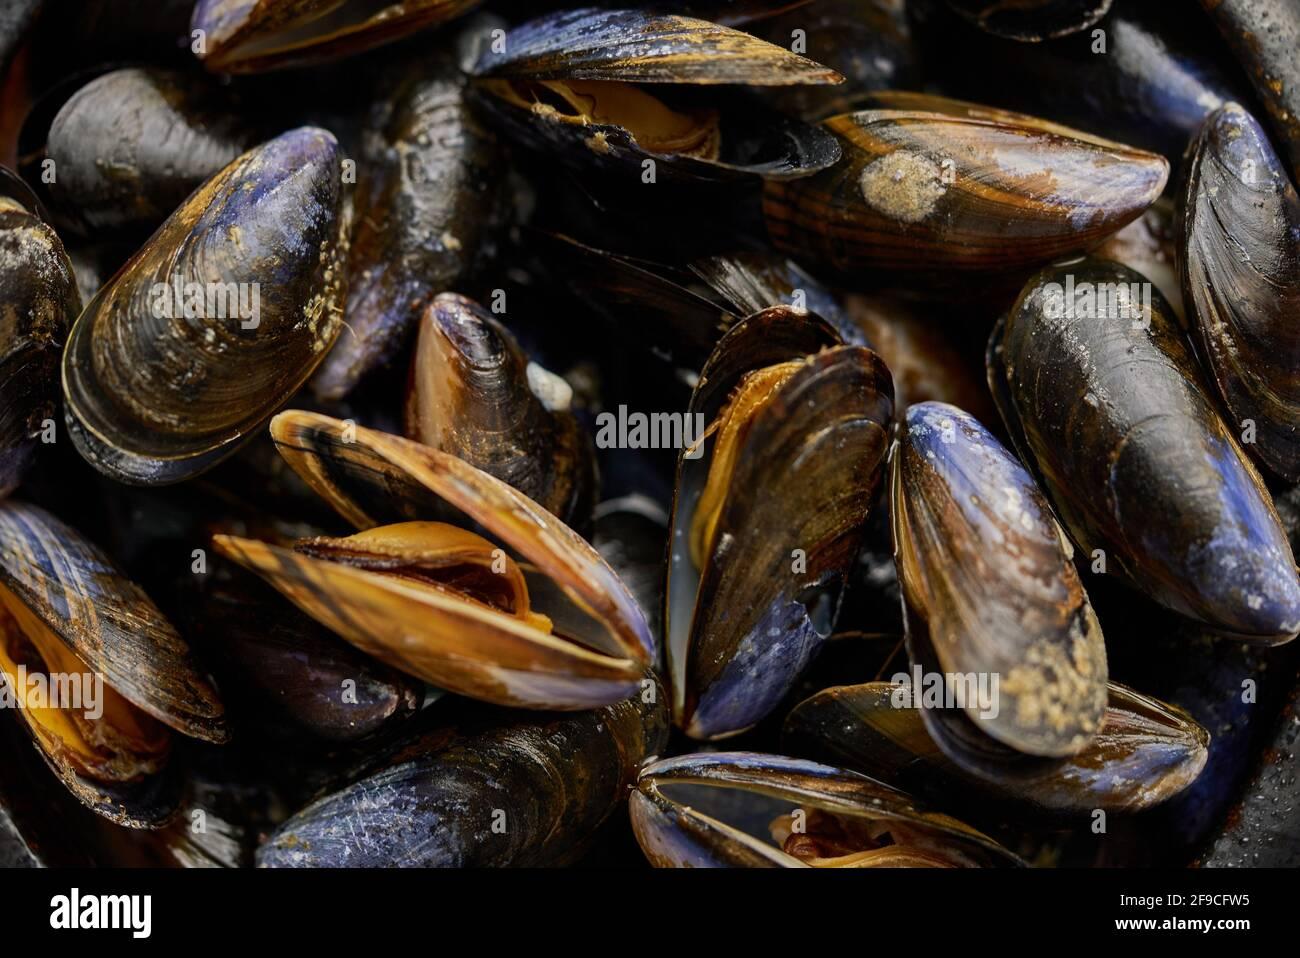 Primeros planos de mejillones de mar frescos y crudos recipiente de cerámica negro colocado en la oscuridad Foto de stock